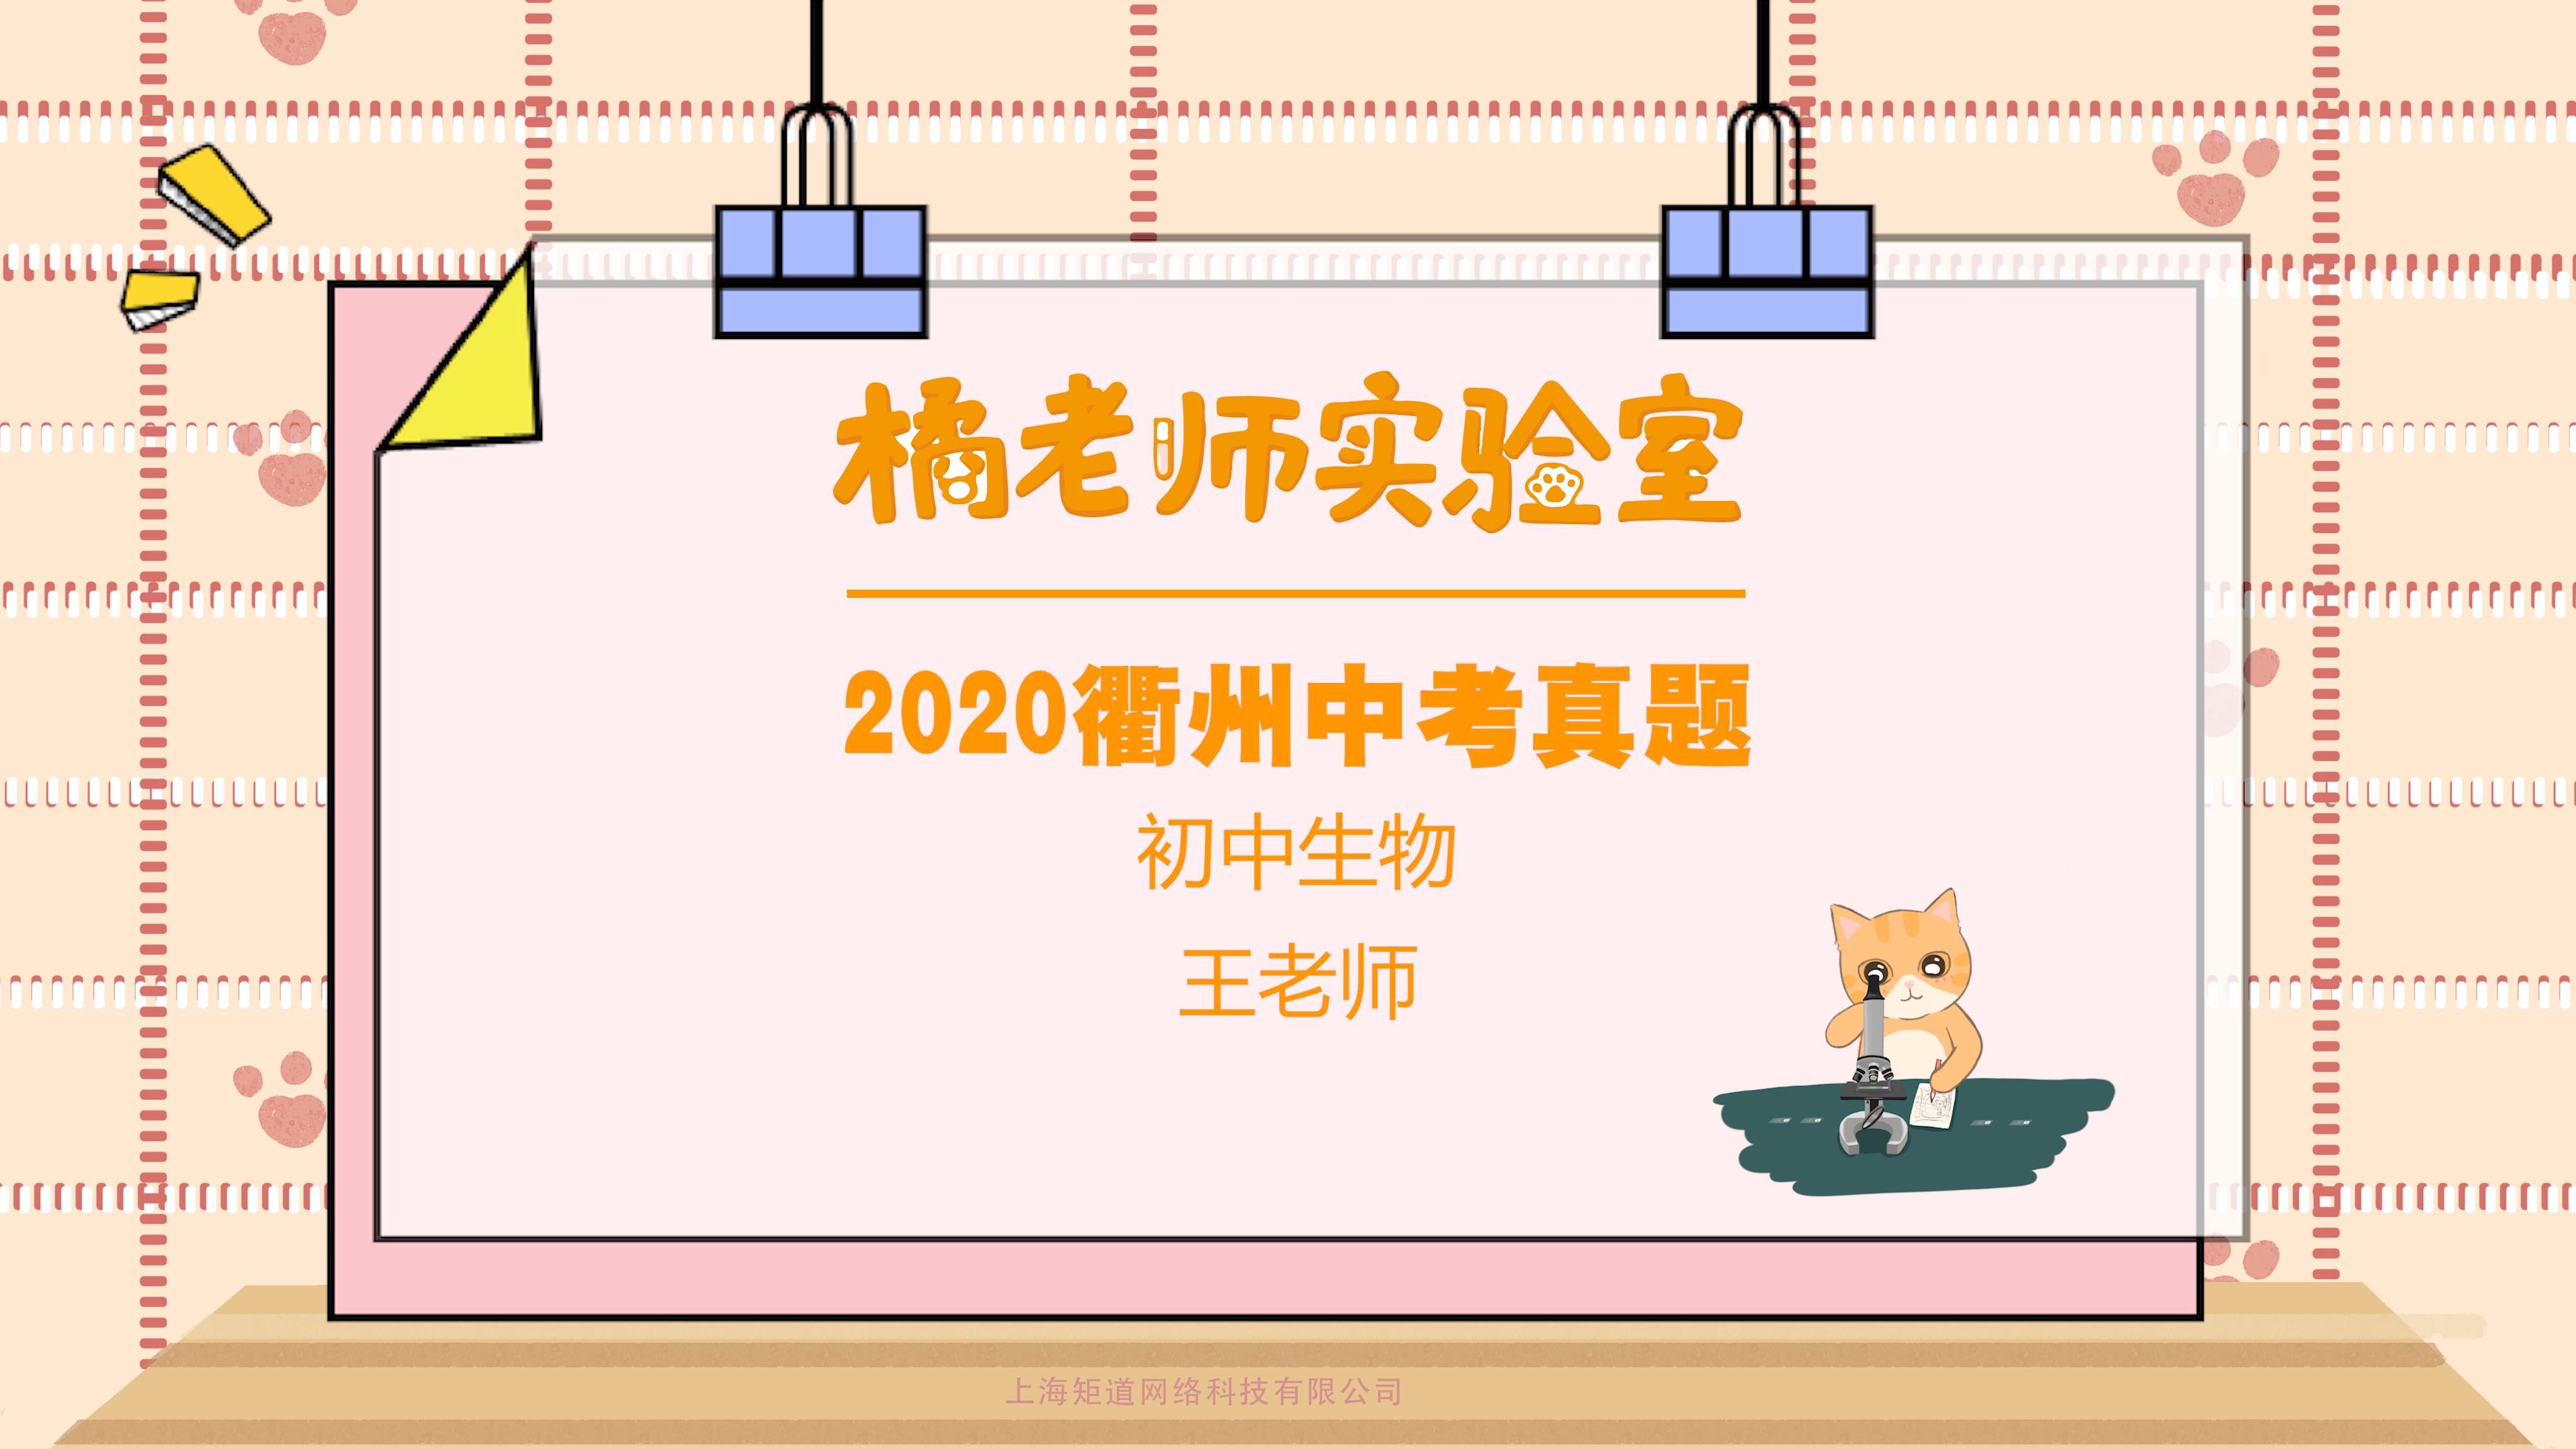 第一百六十二期:《2020衢州中考真题》